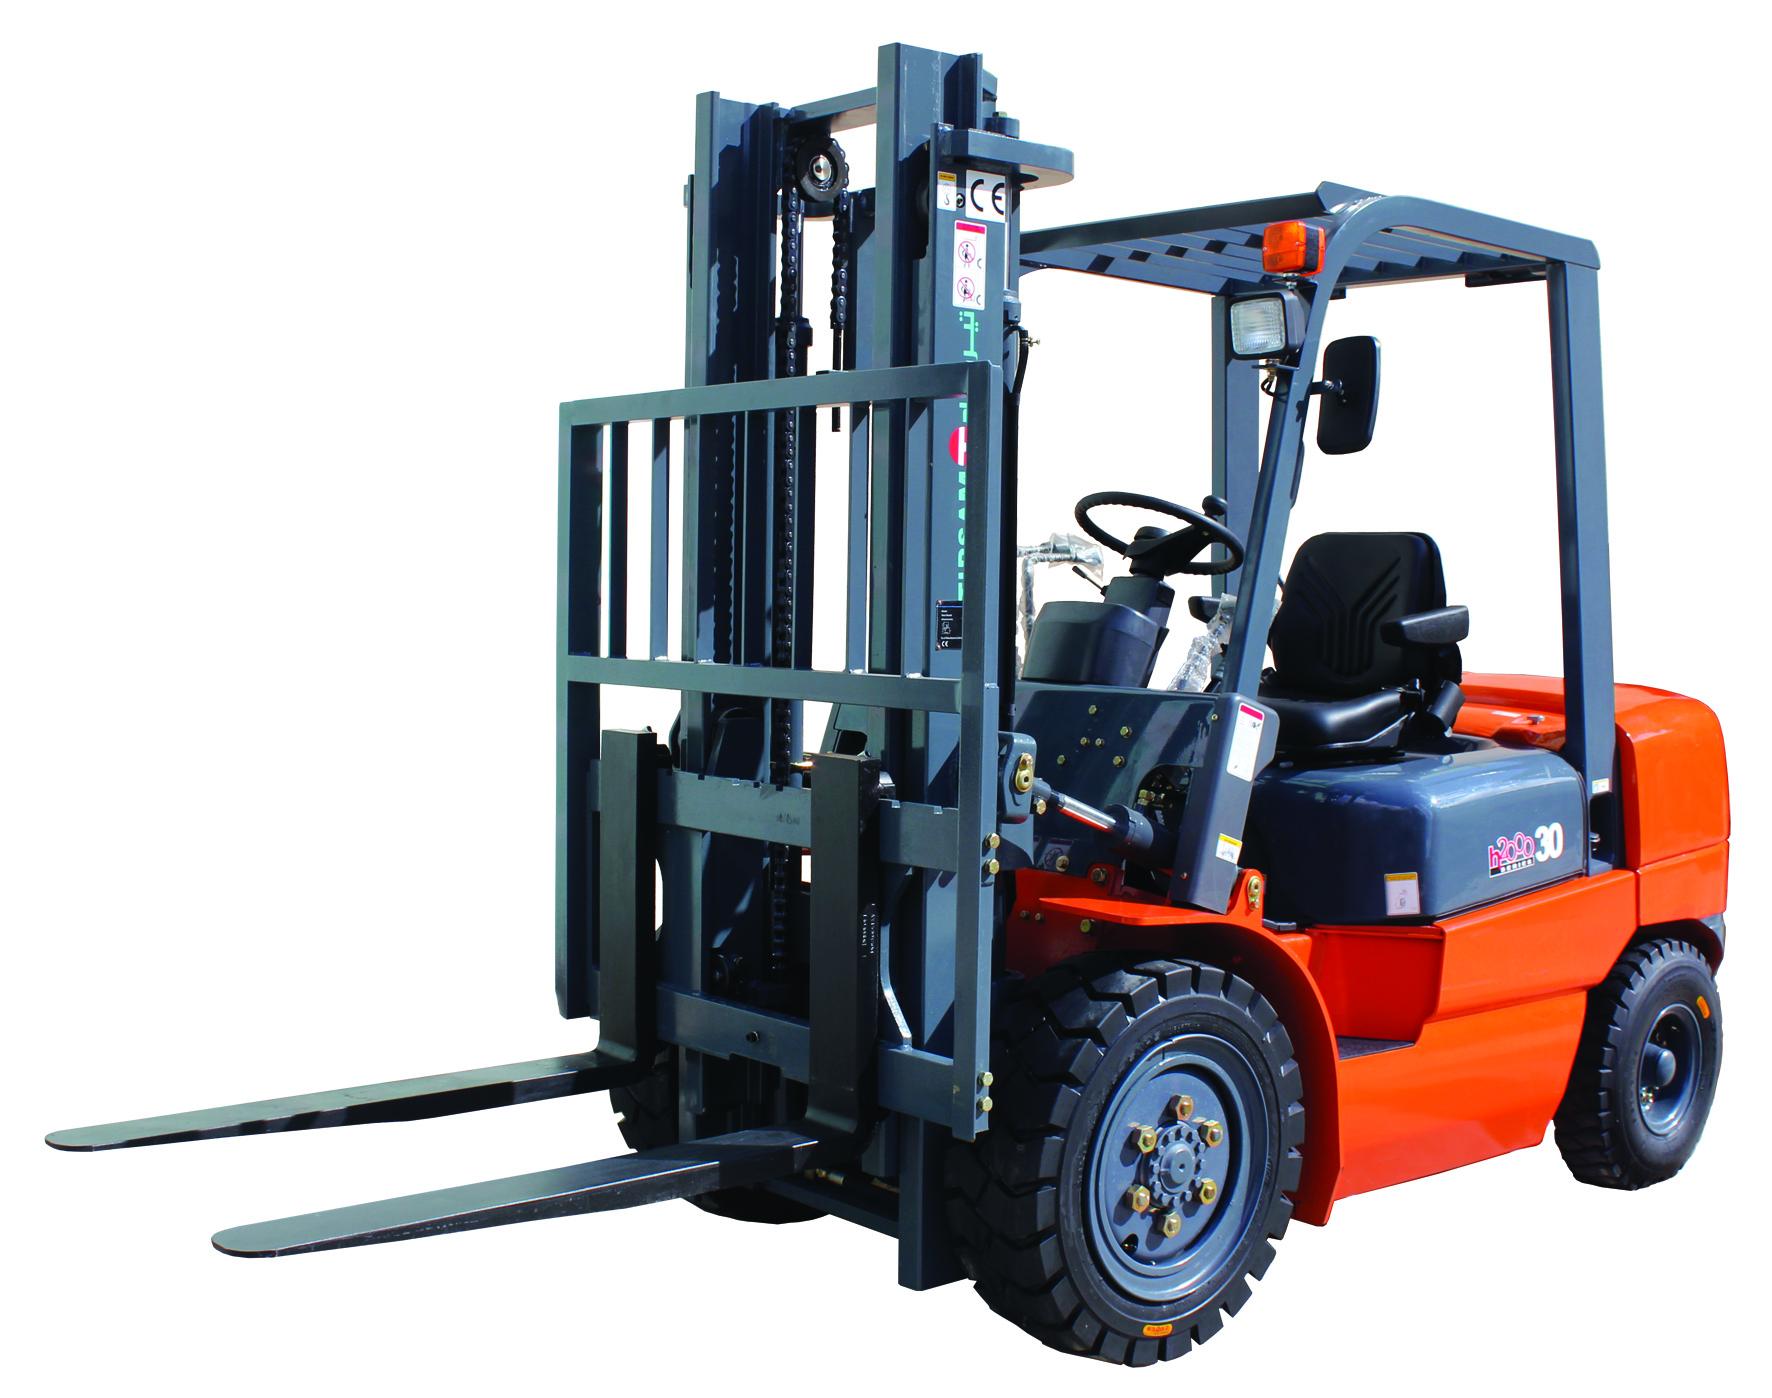 Un chariot petit mais costaud pour une utilisation moyenne avec une capacité de levage de 3 tonnes. *CARATERISTIQUES: Fa